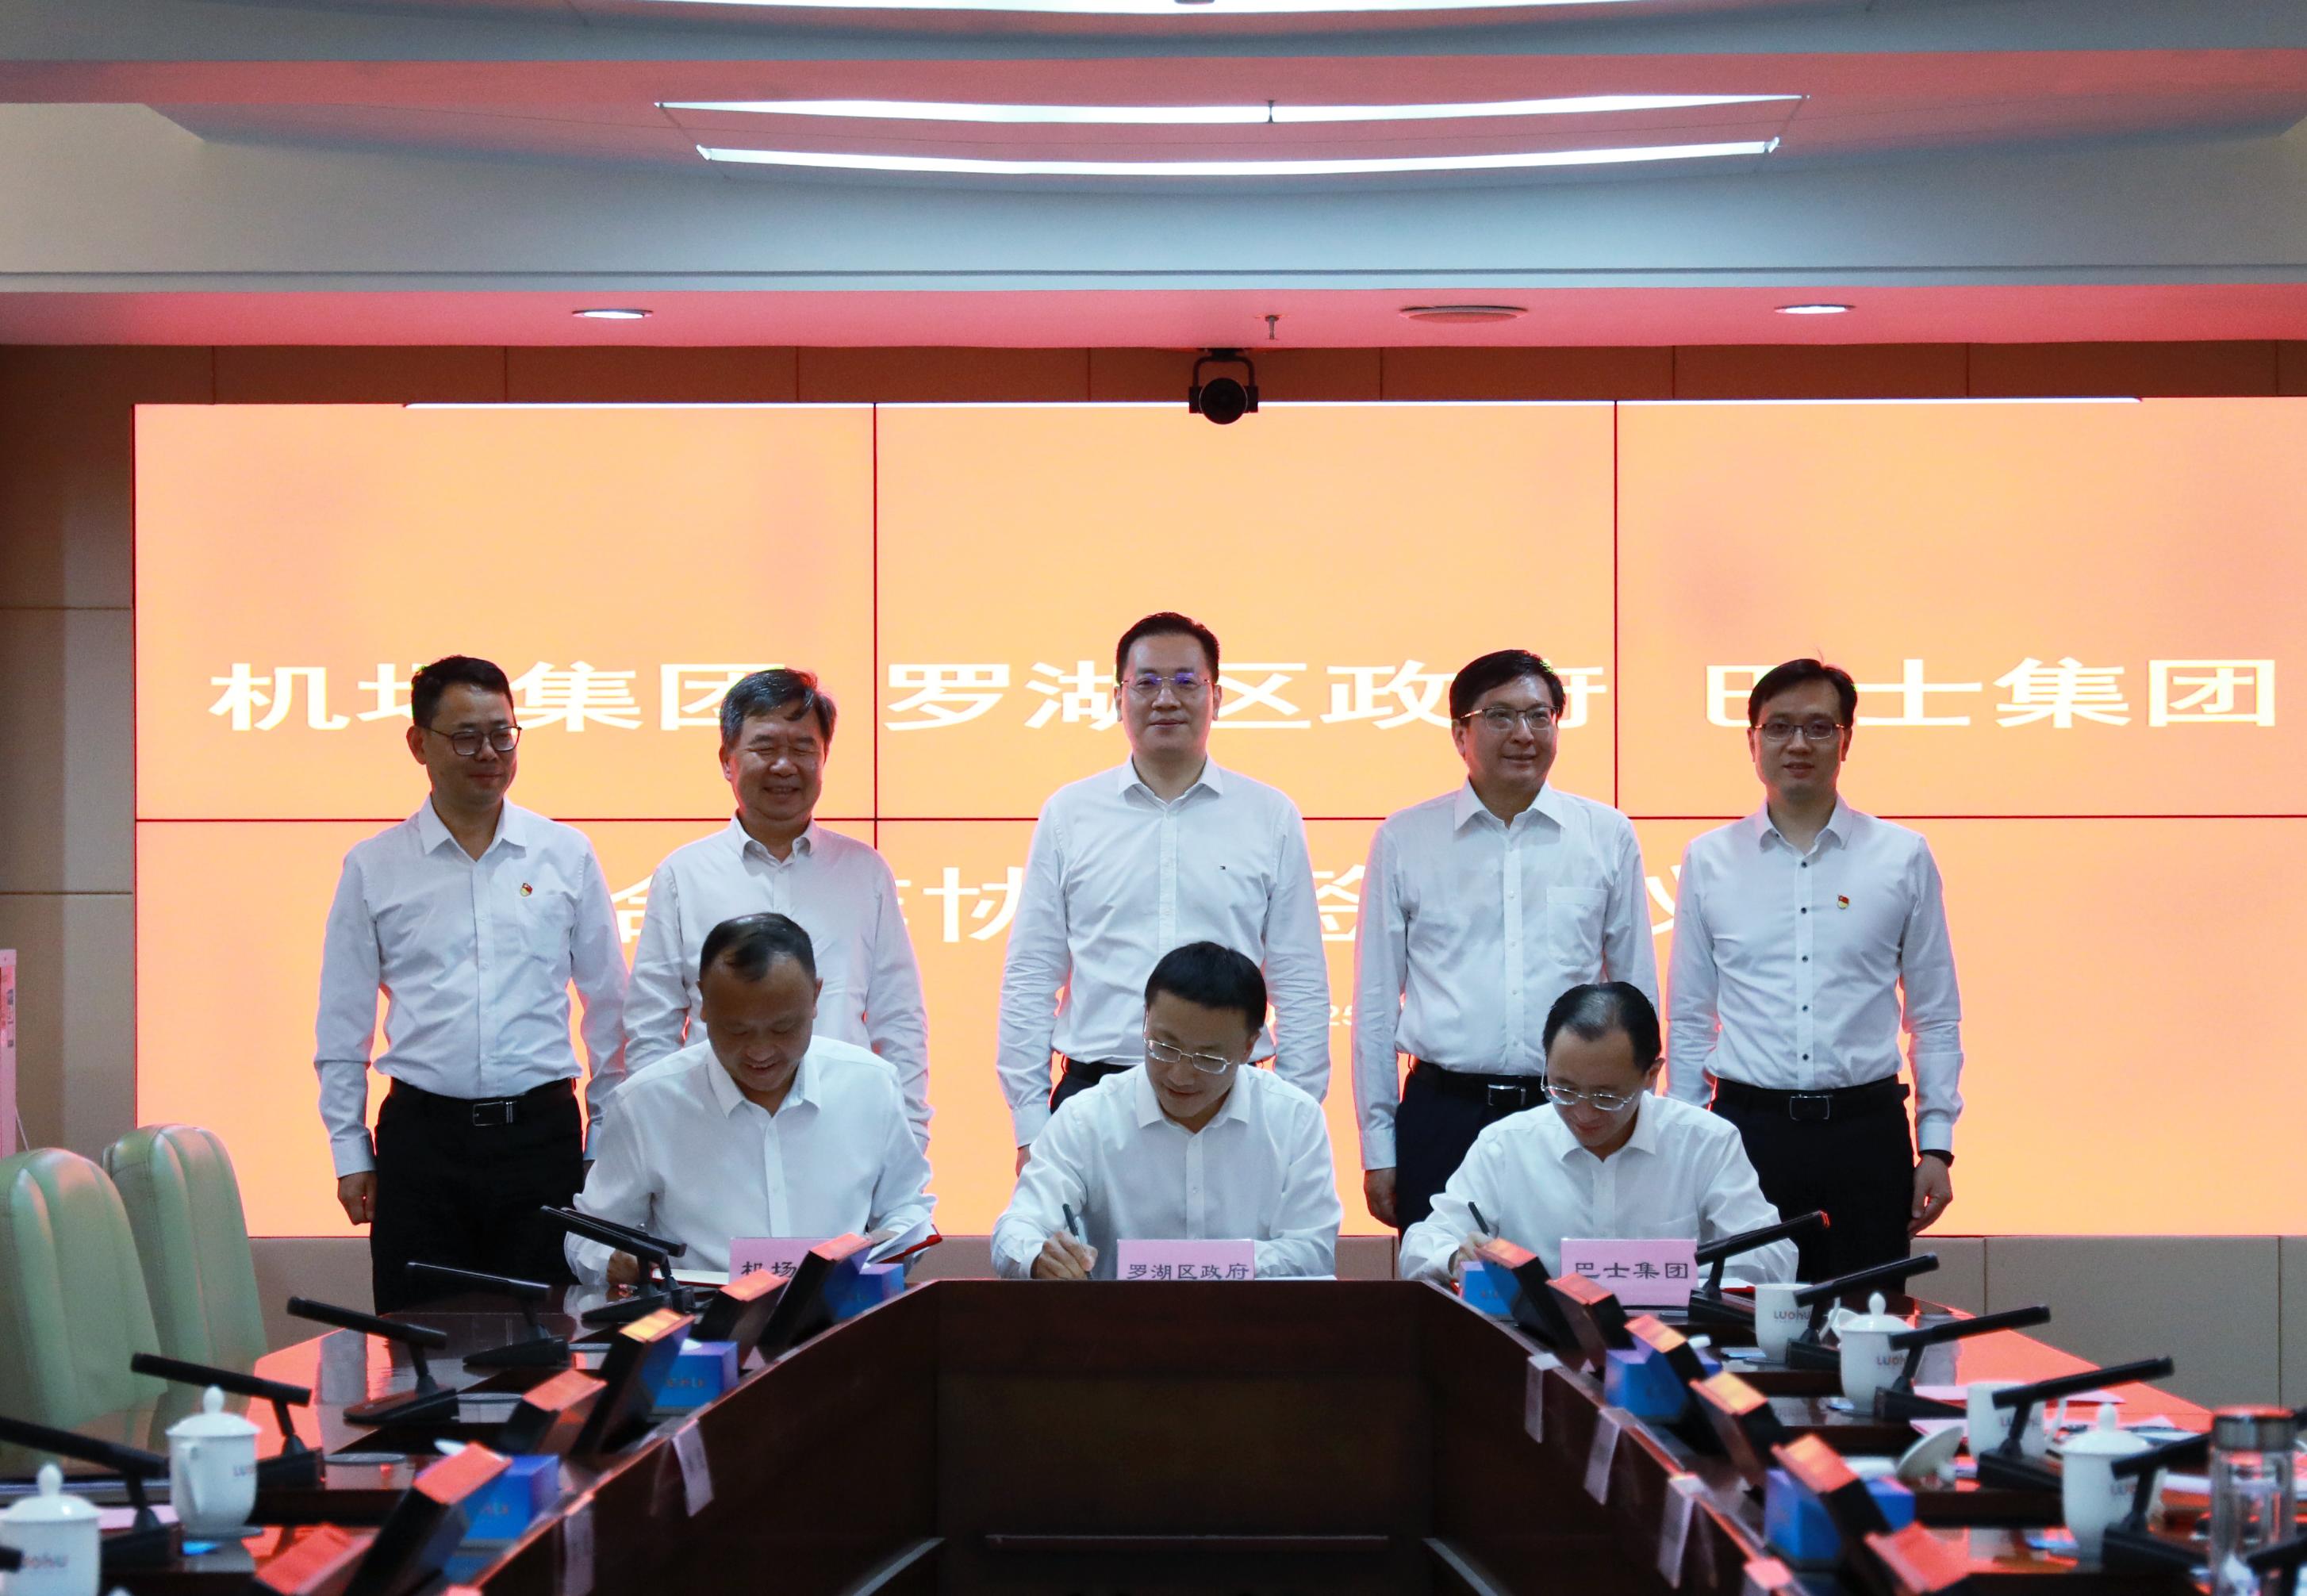 罗湖区政府与深圳机场集团、深圳巴士集团签约仪式